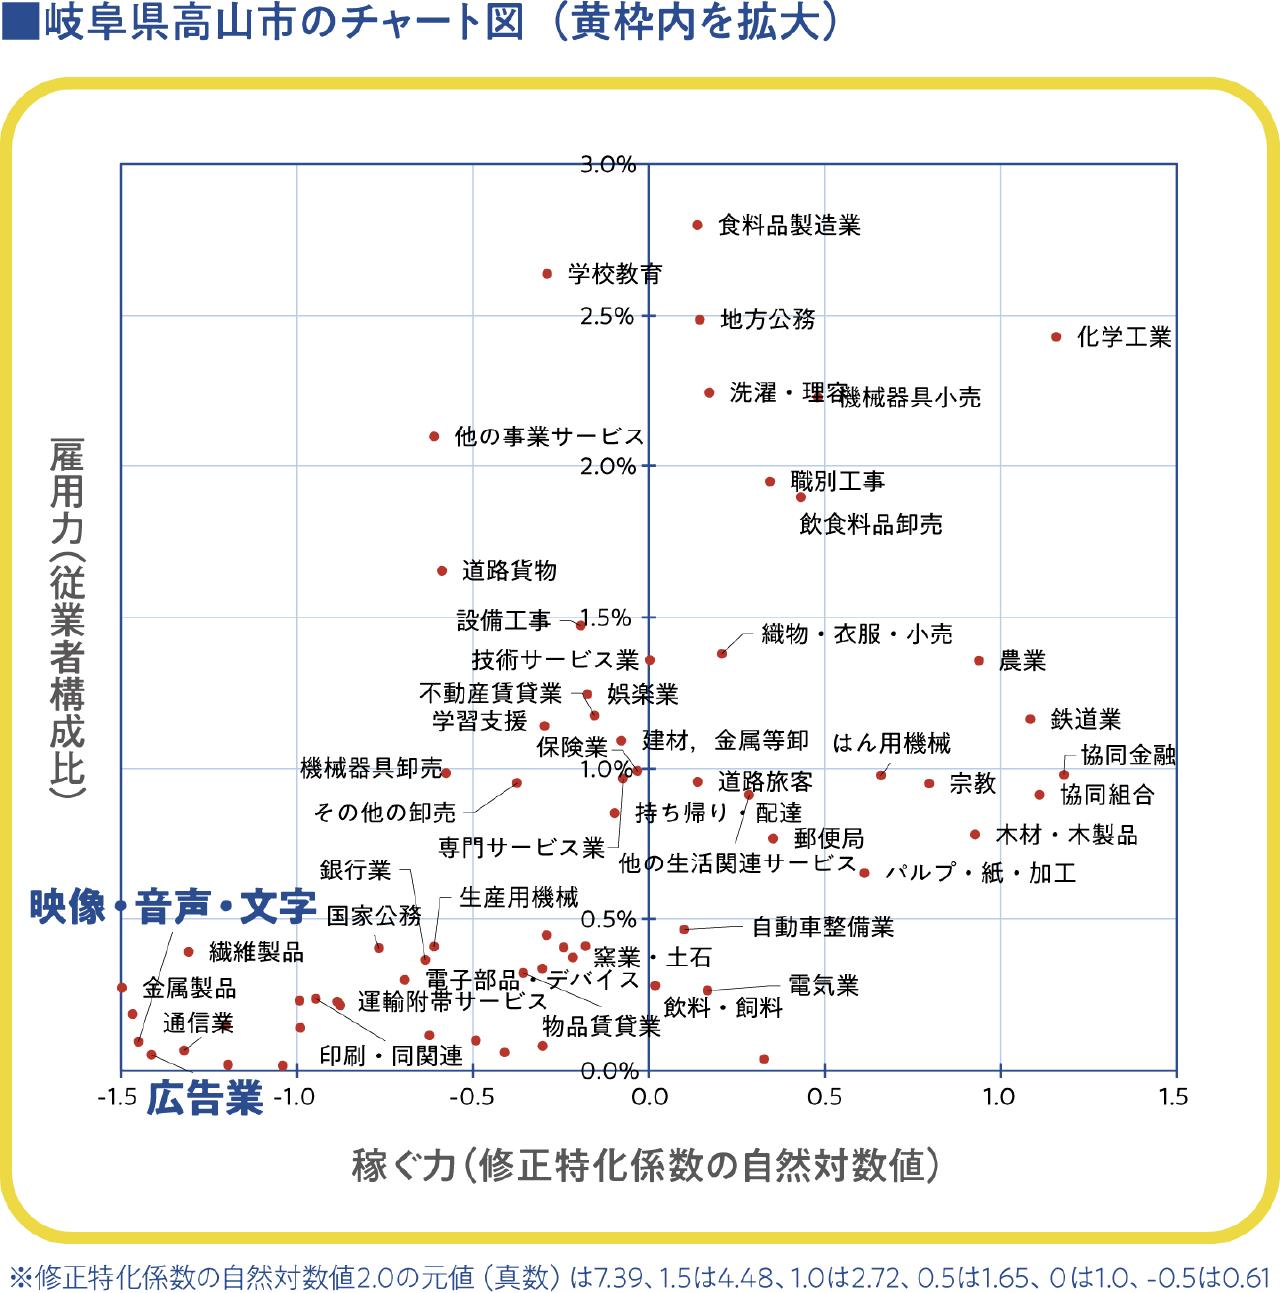 岐阜県高山市のチャート図(黄枠内を拡大)